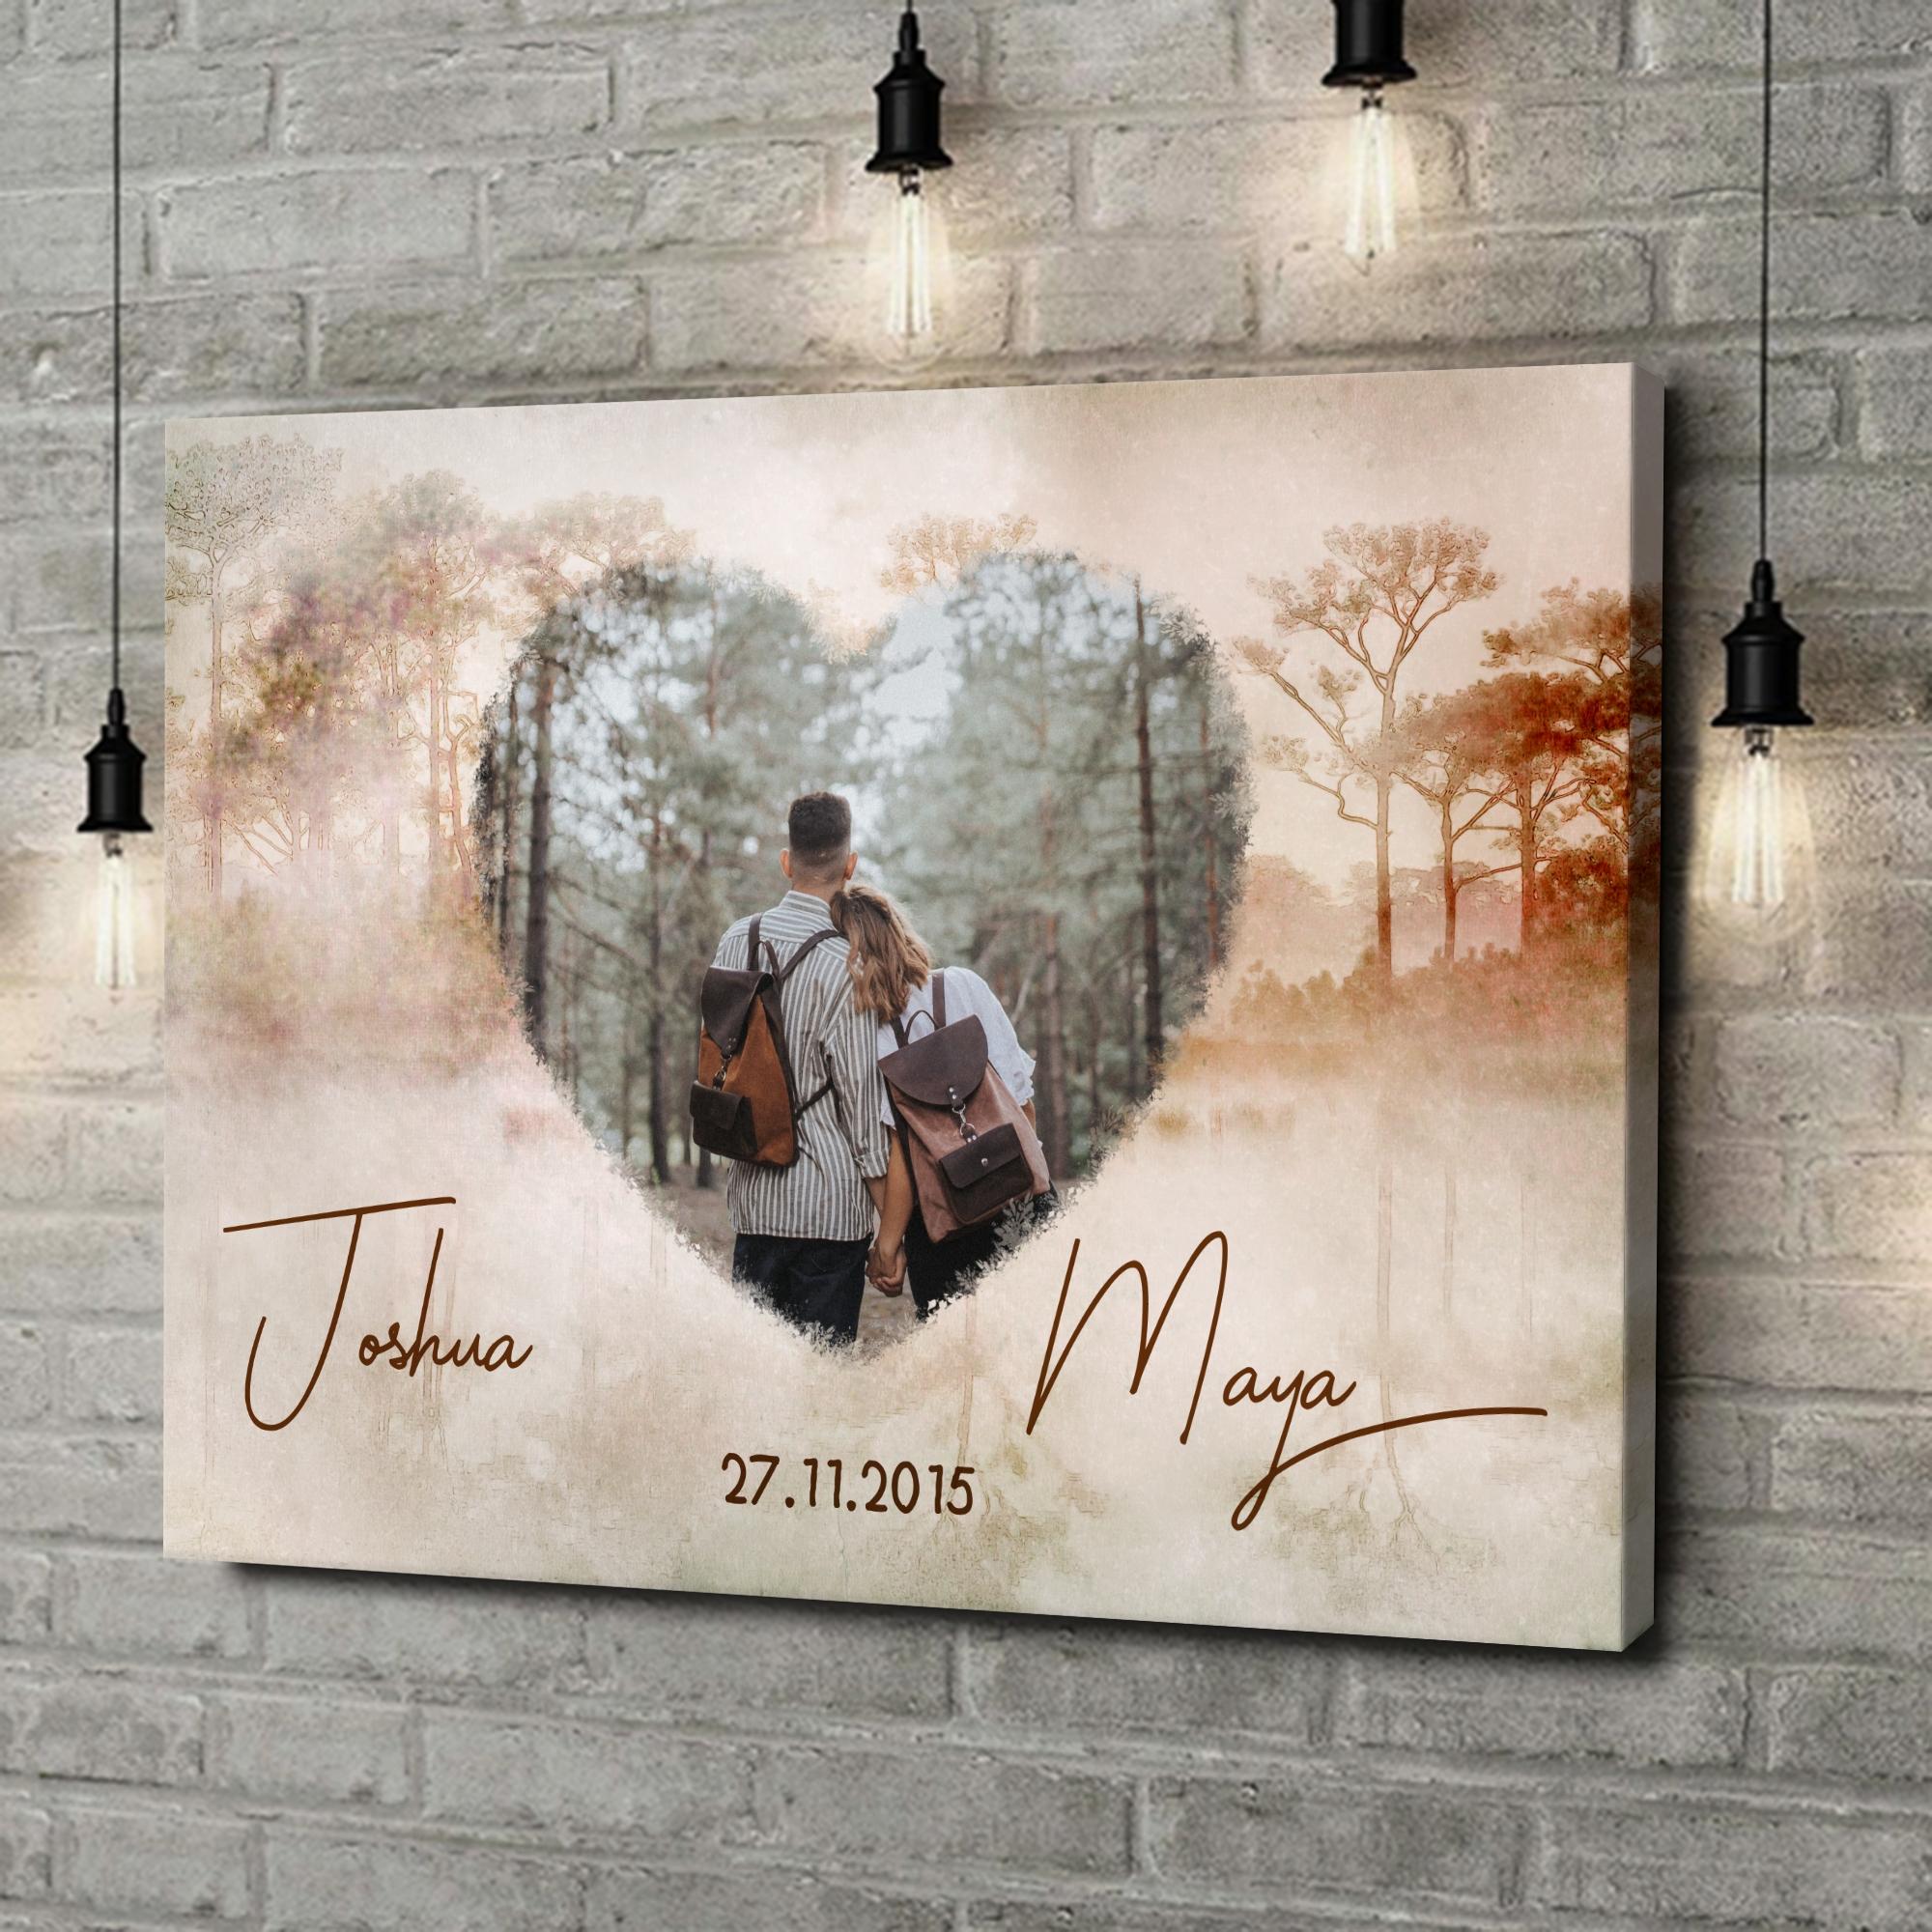 Leinwandbild personalisiert Liebe wie im Traum